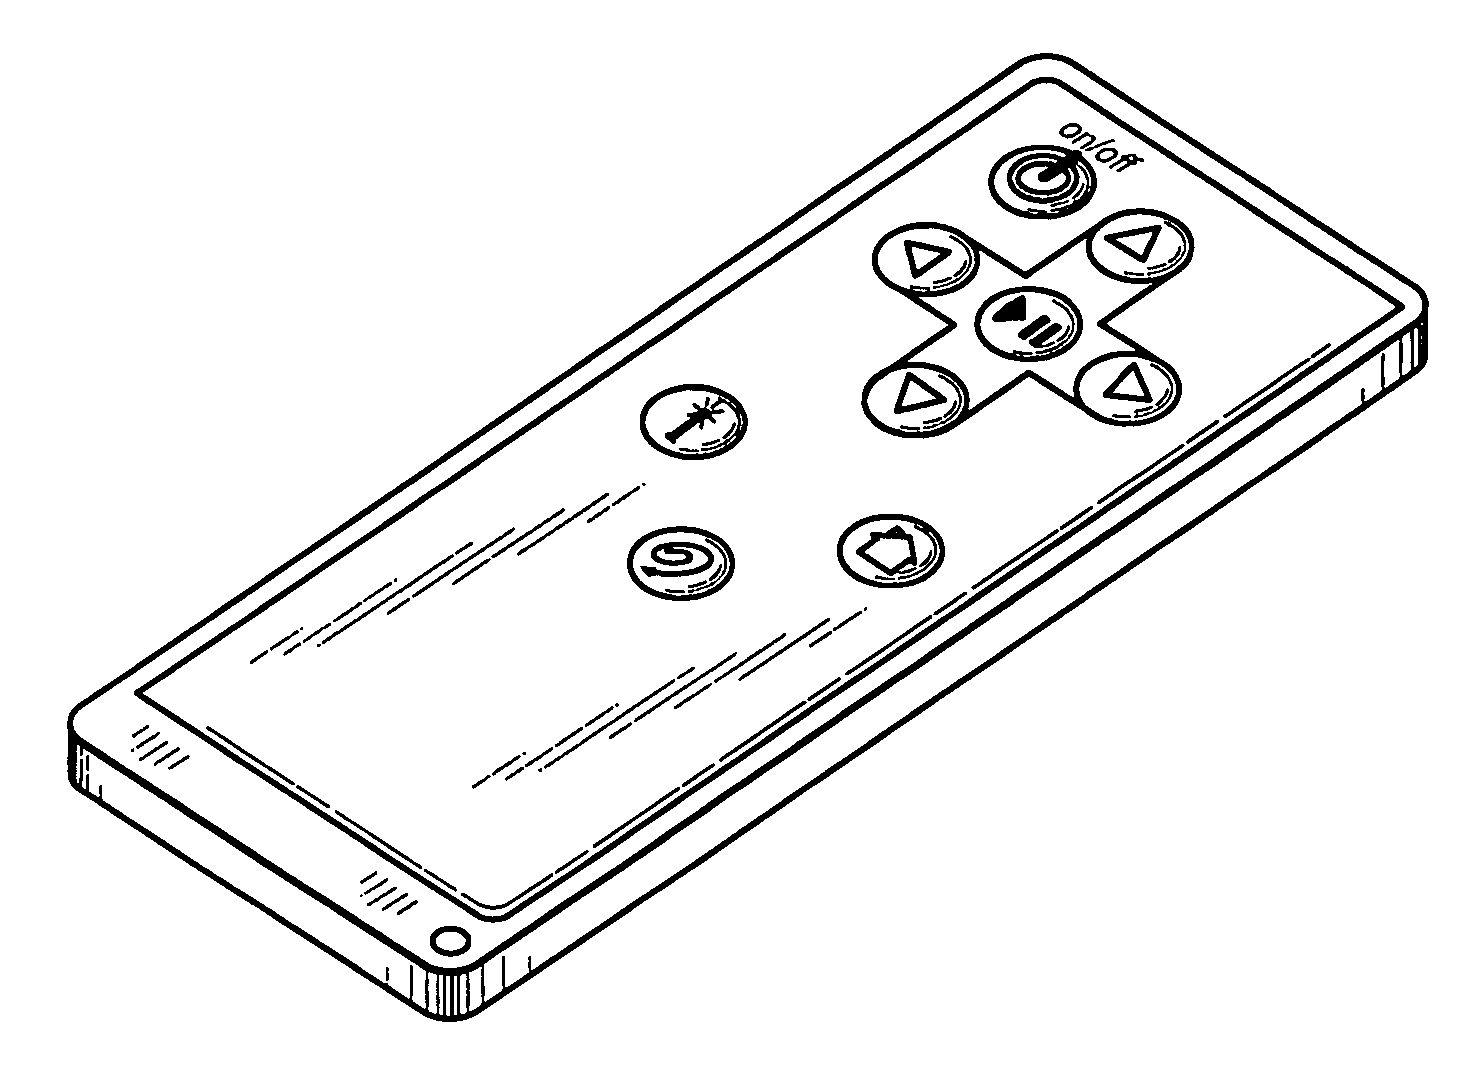 patent usd557666 - remote control